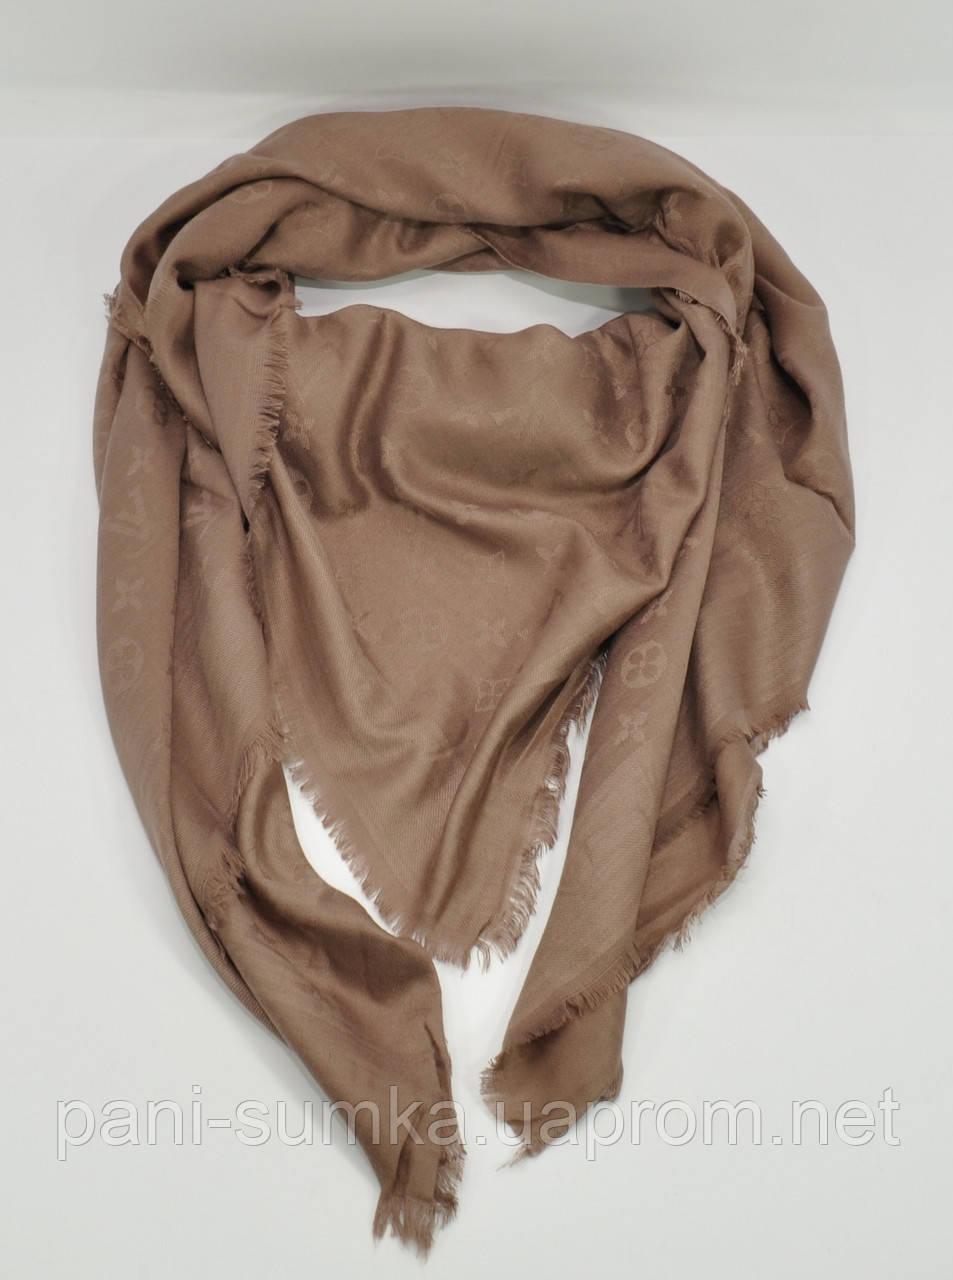 Большой кашемировый платок Louis Vuitton 7988-2 капучино, расцветки -  Интернет магазин